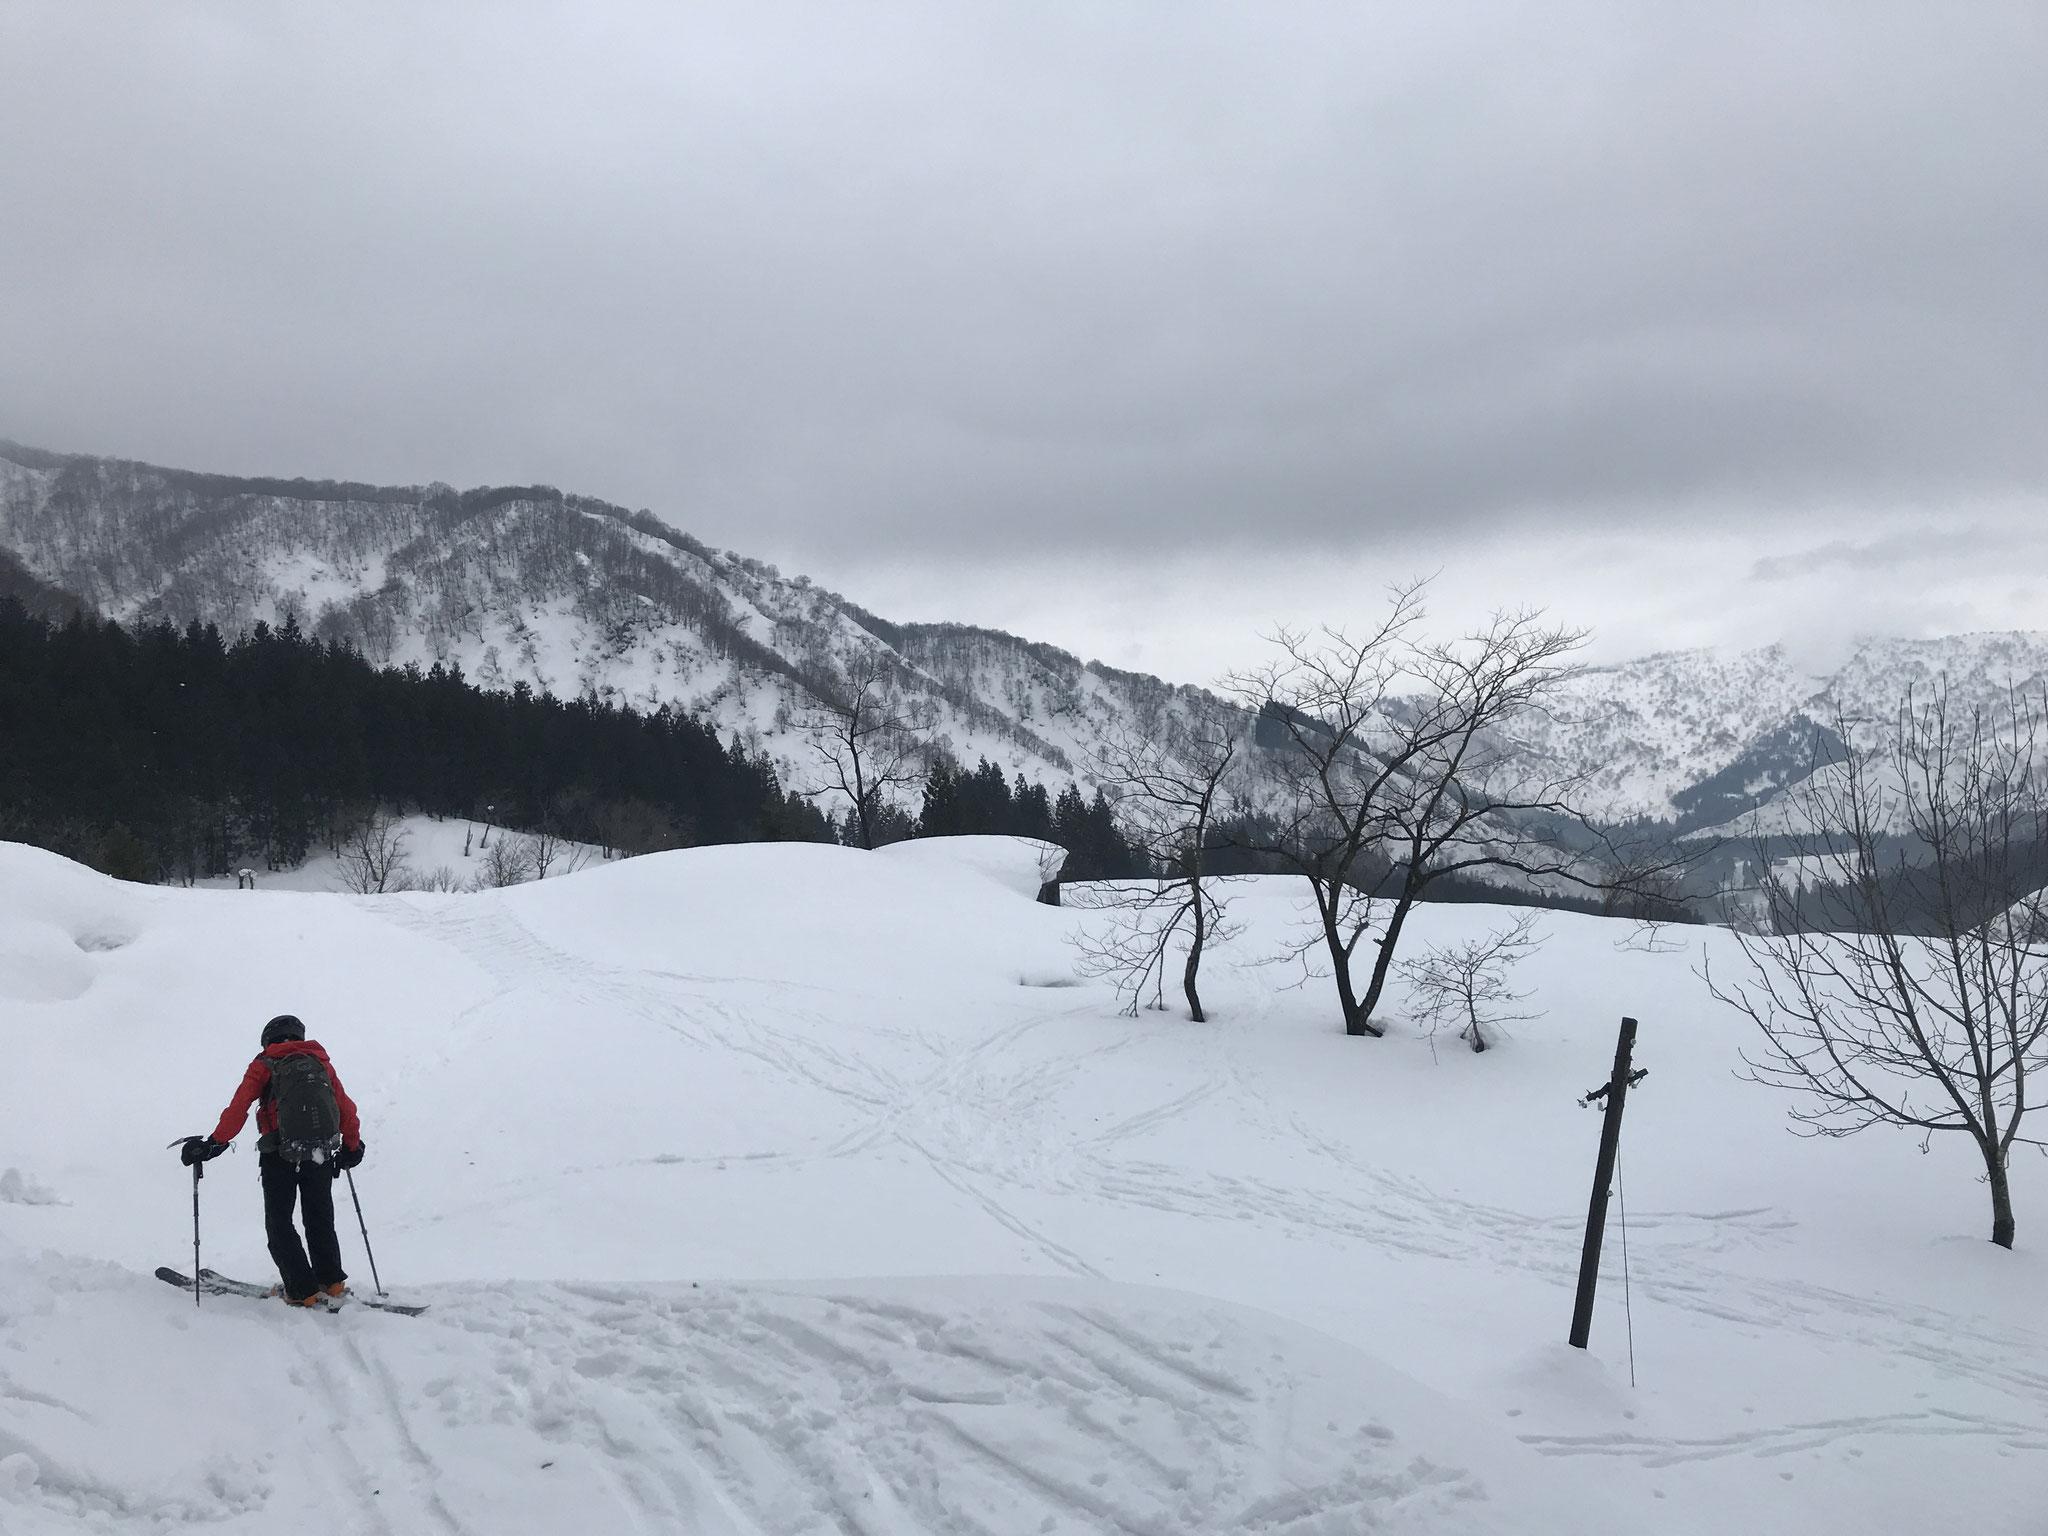 下部は雪が緩み、楽しい滑り